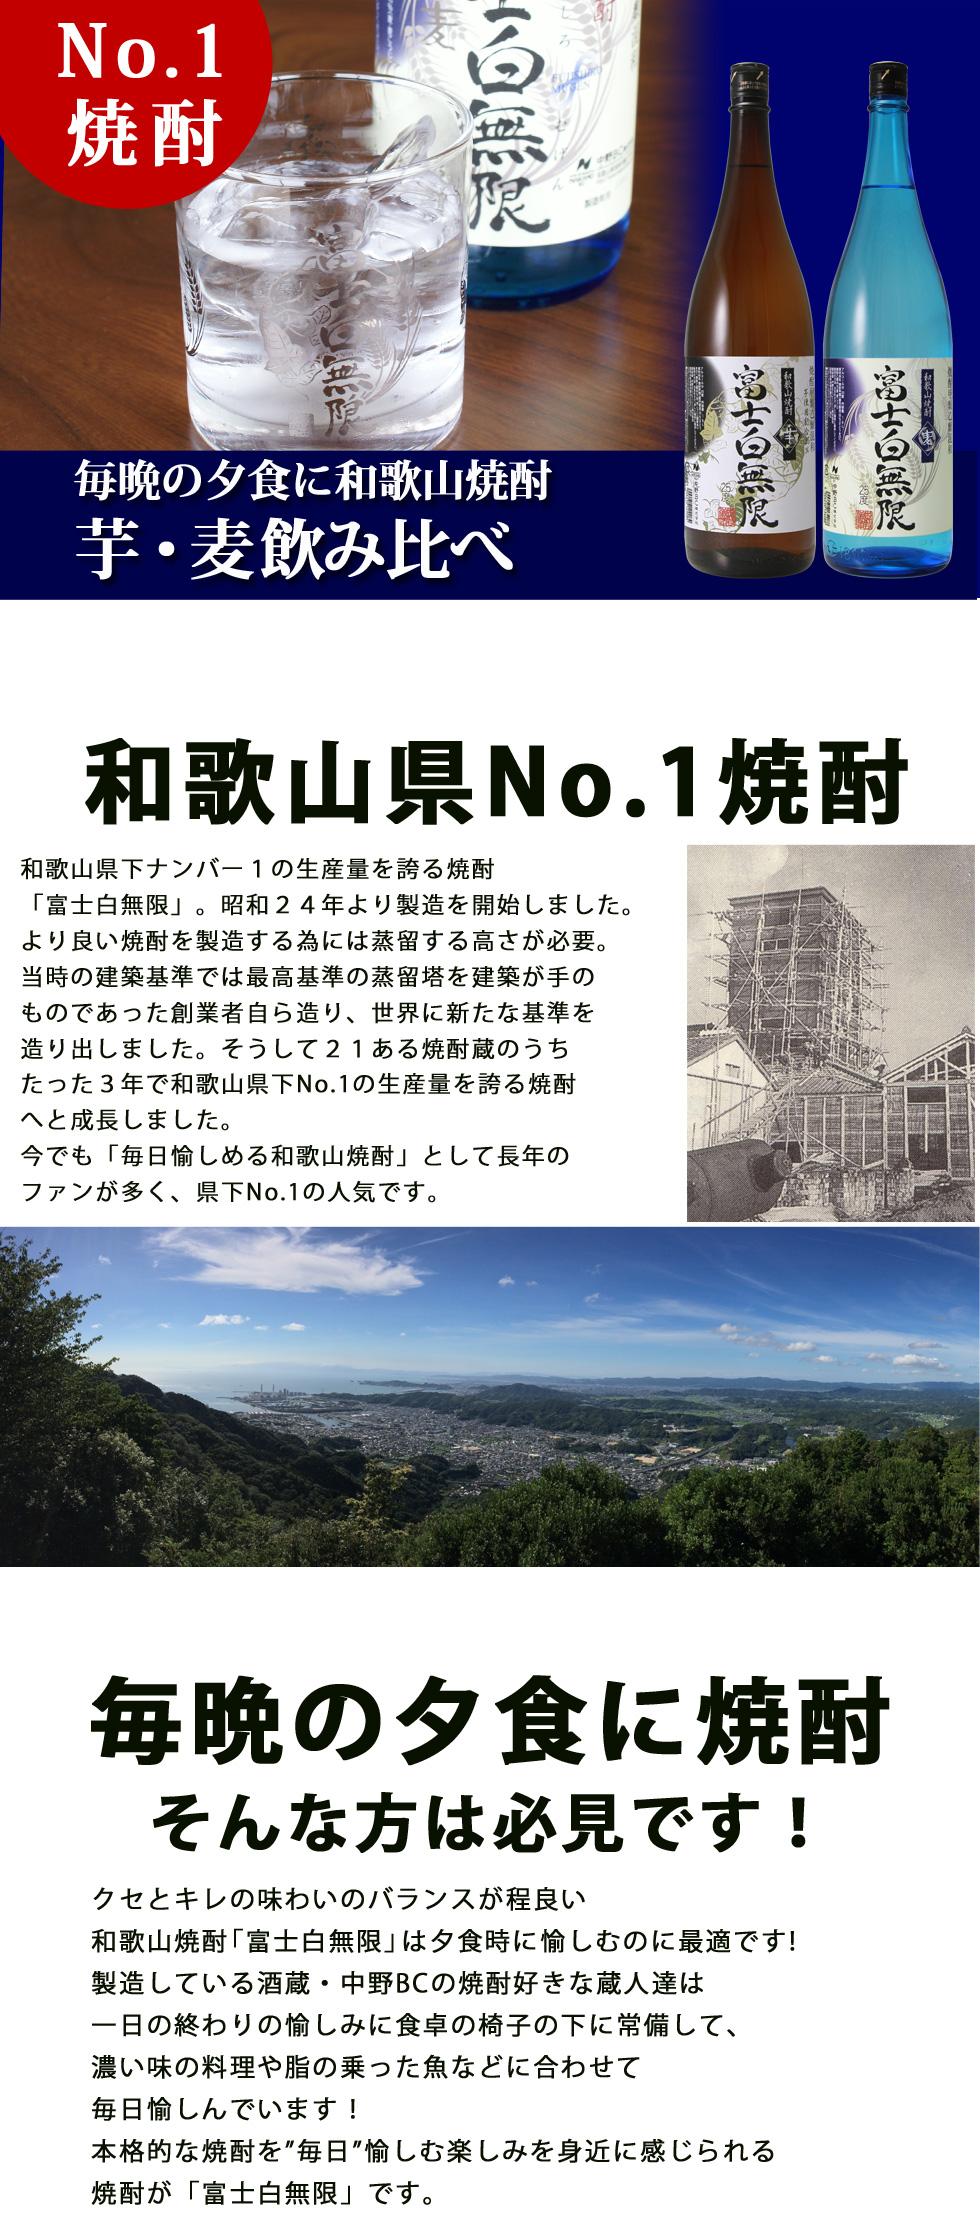 富士白無限《芋》と富士白無限《麦》は和歌山県No1の焼酎です。毎晩の夕食に和歌山焼酎の飲み比べをお楽しみください